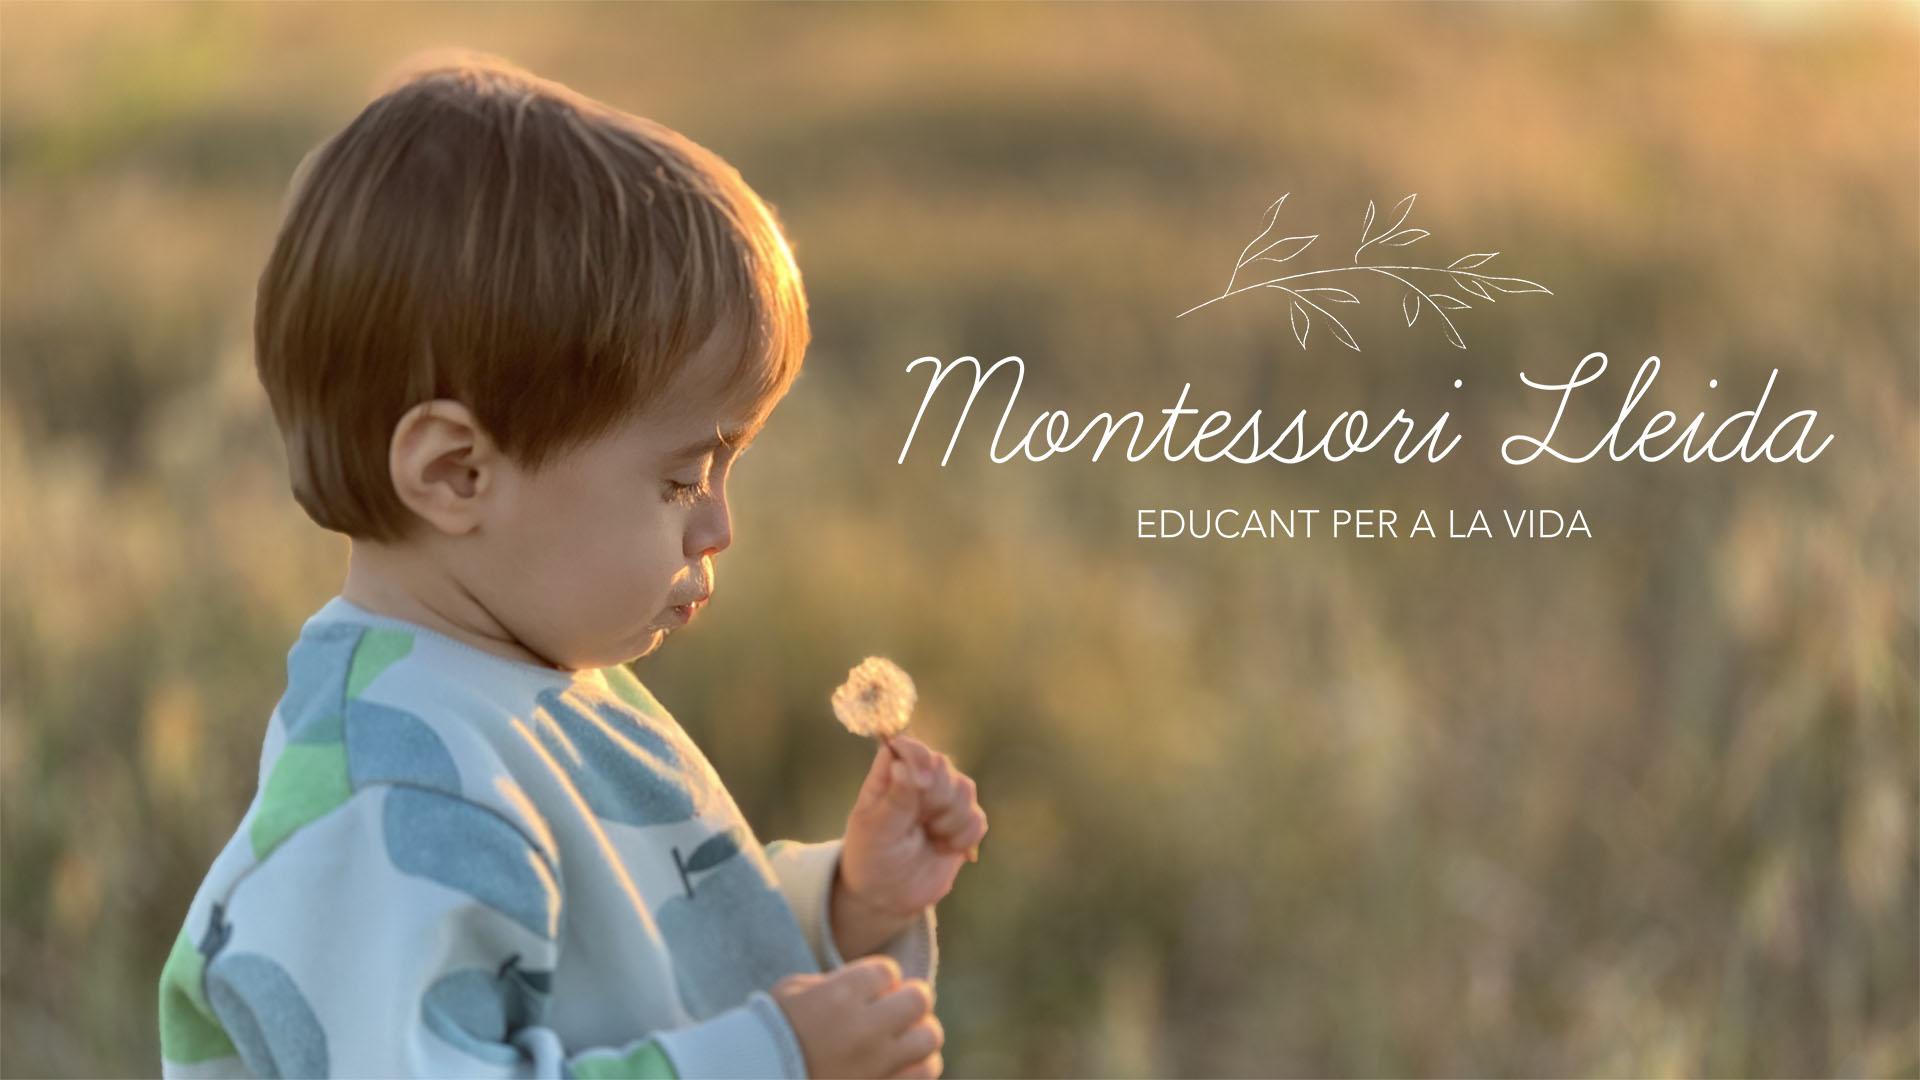 Montessori Lleida